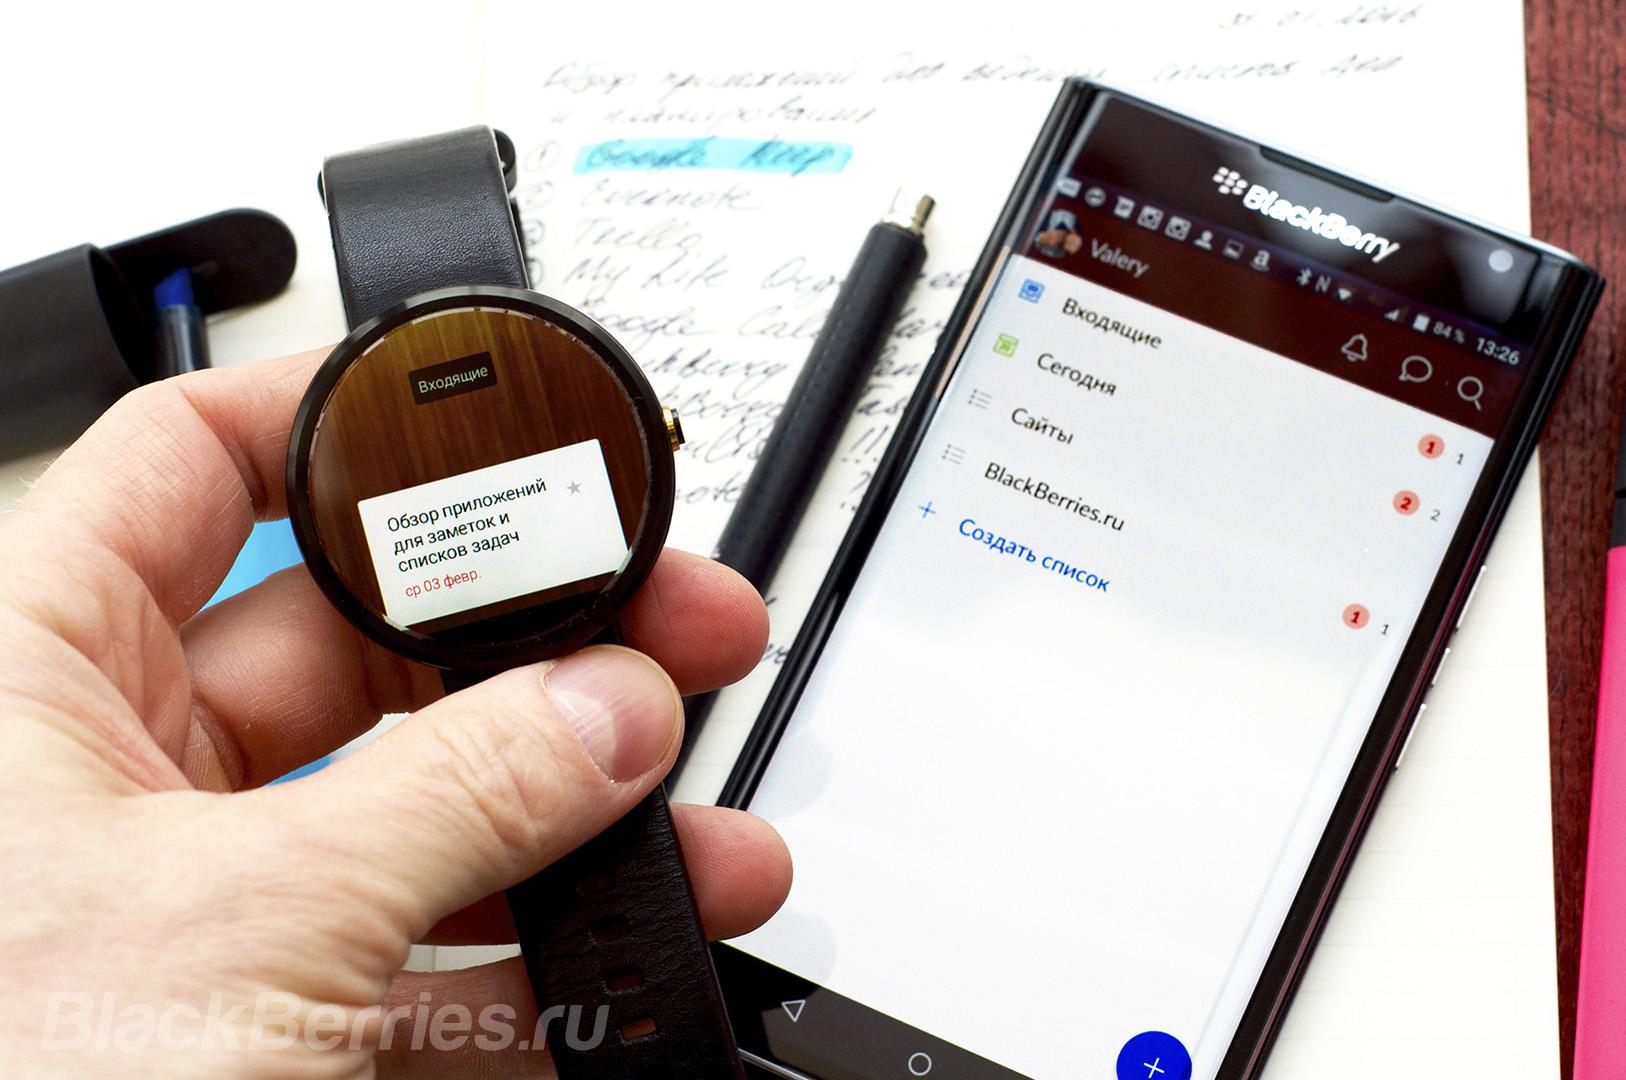 BlackBerry-Apps-20-02-33